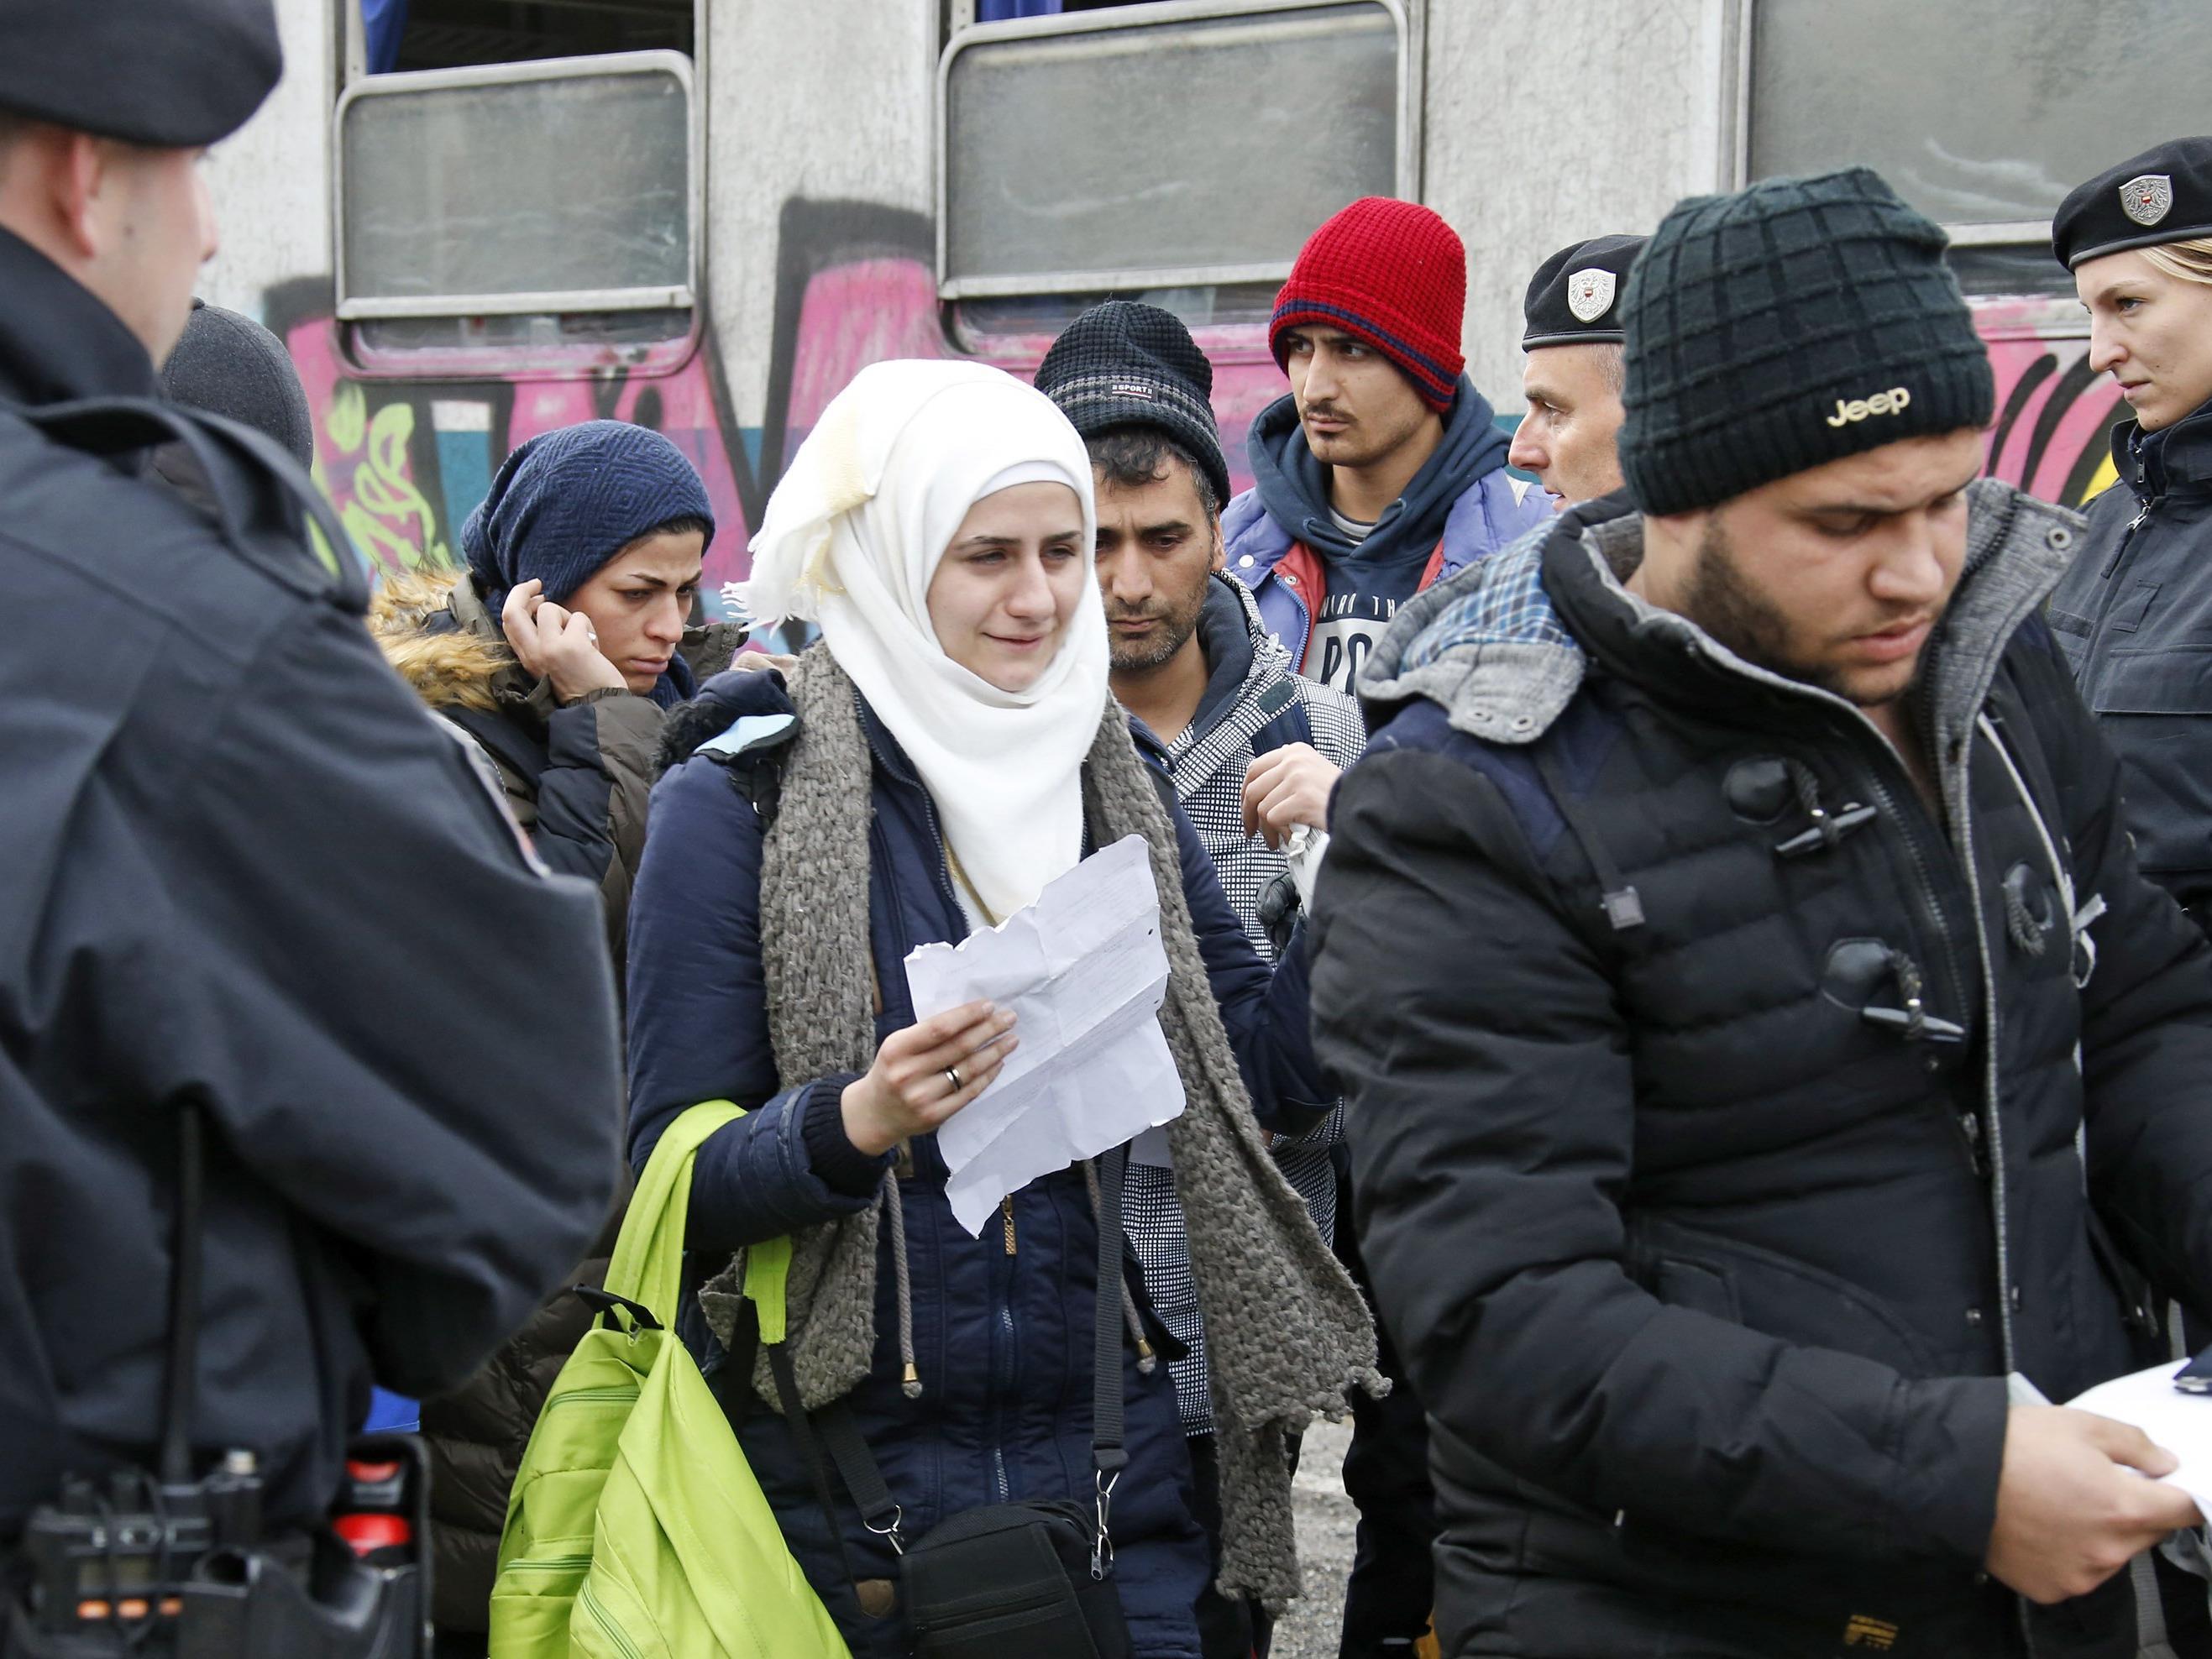 Ist eine Obergrenze für Asylanträge gut?